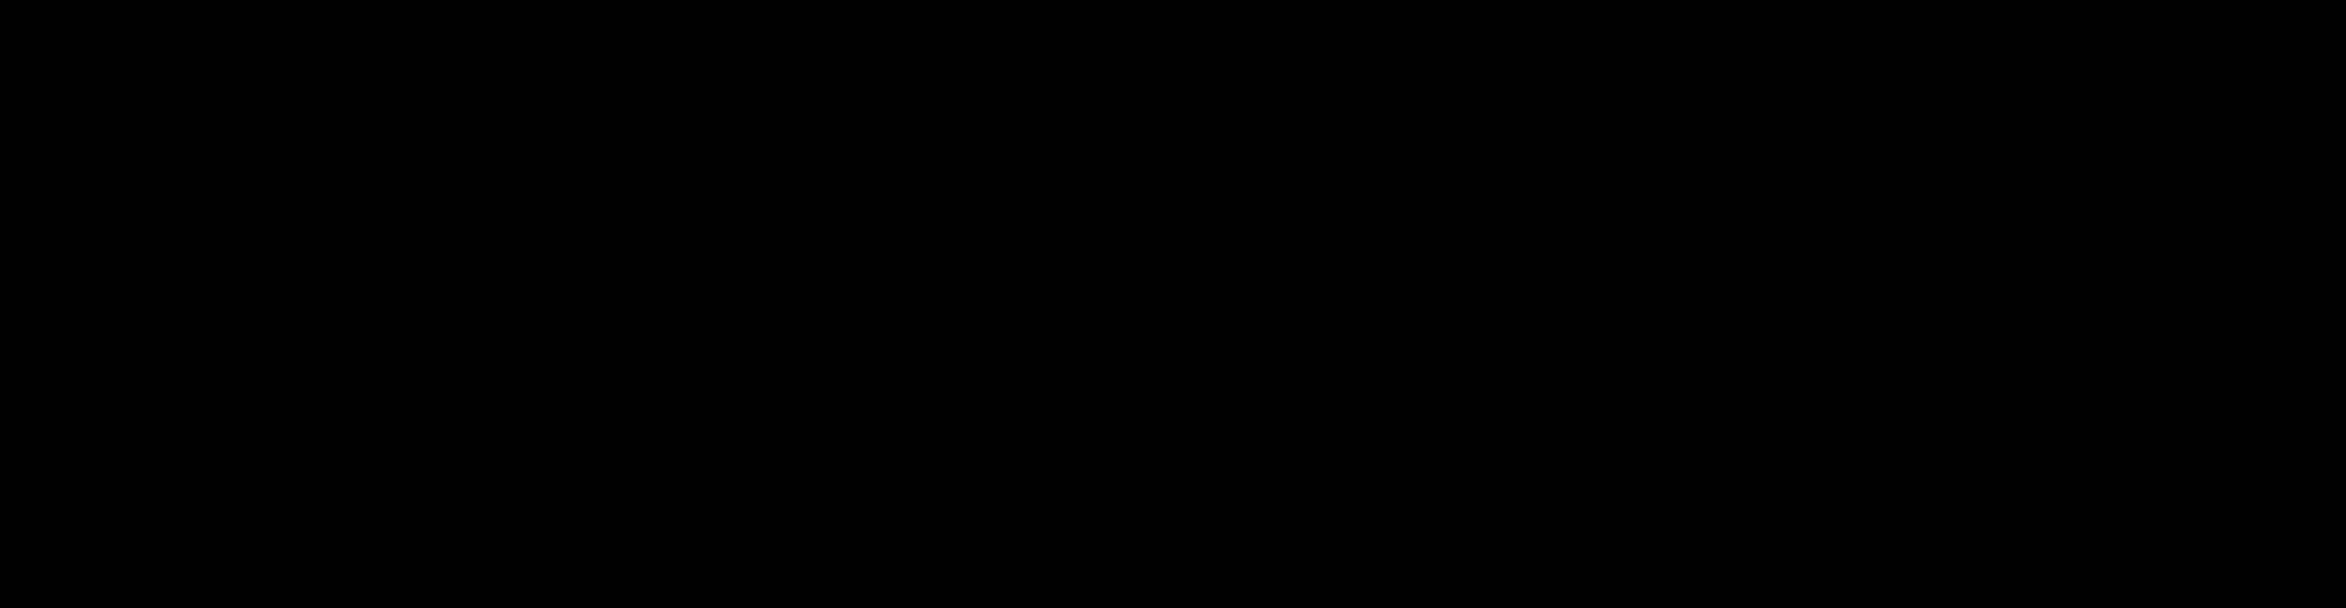 Sorafenib